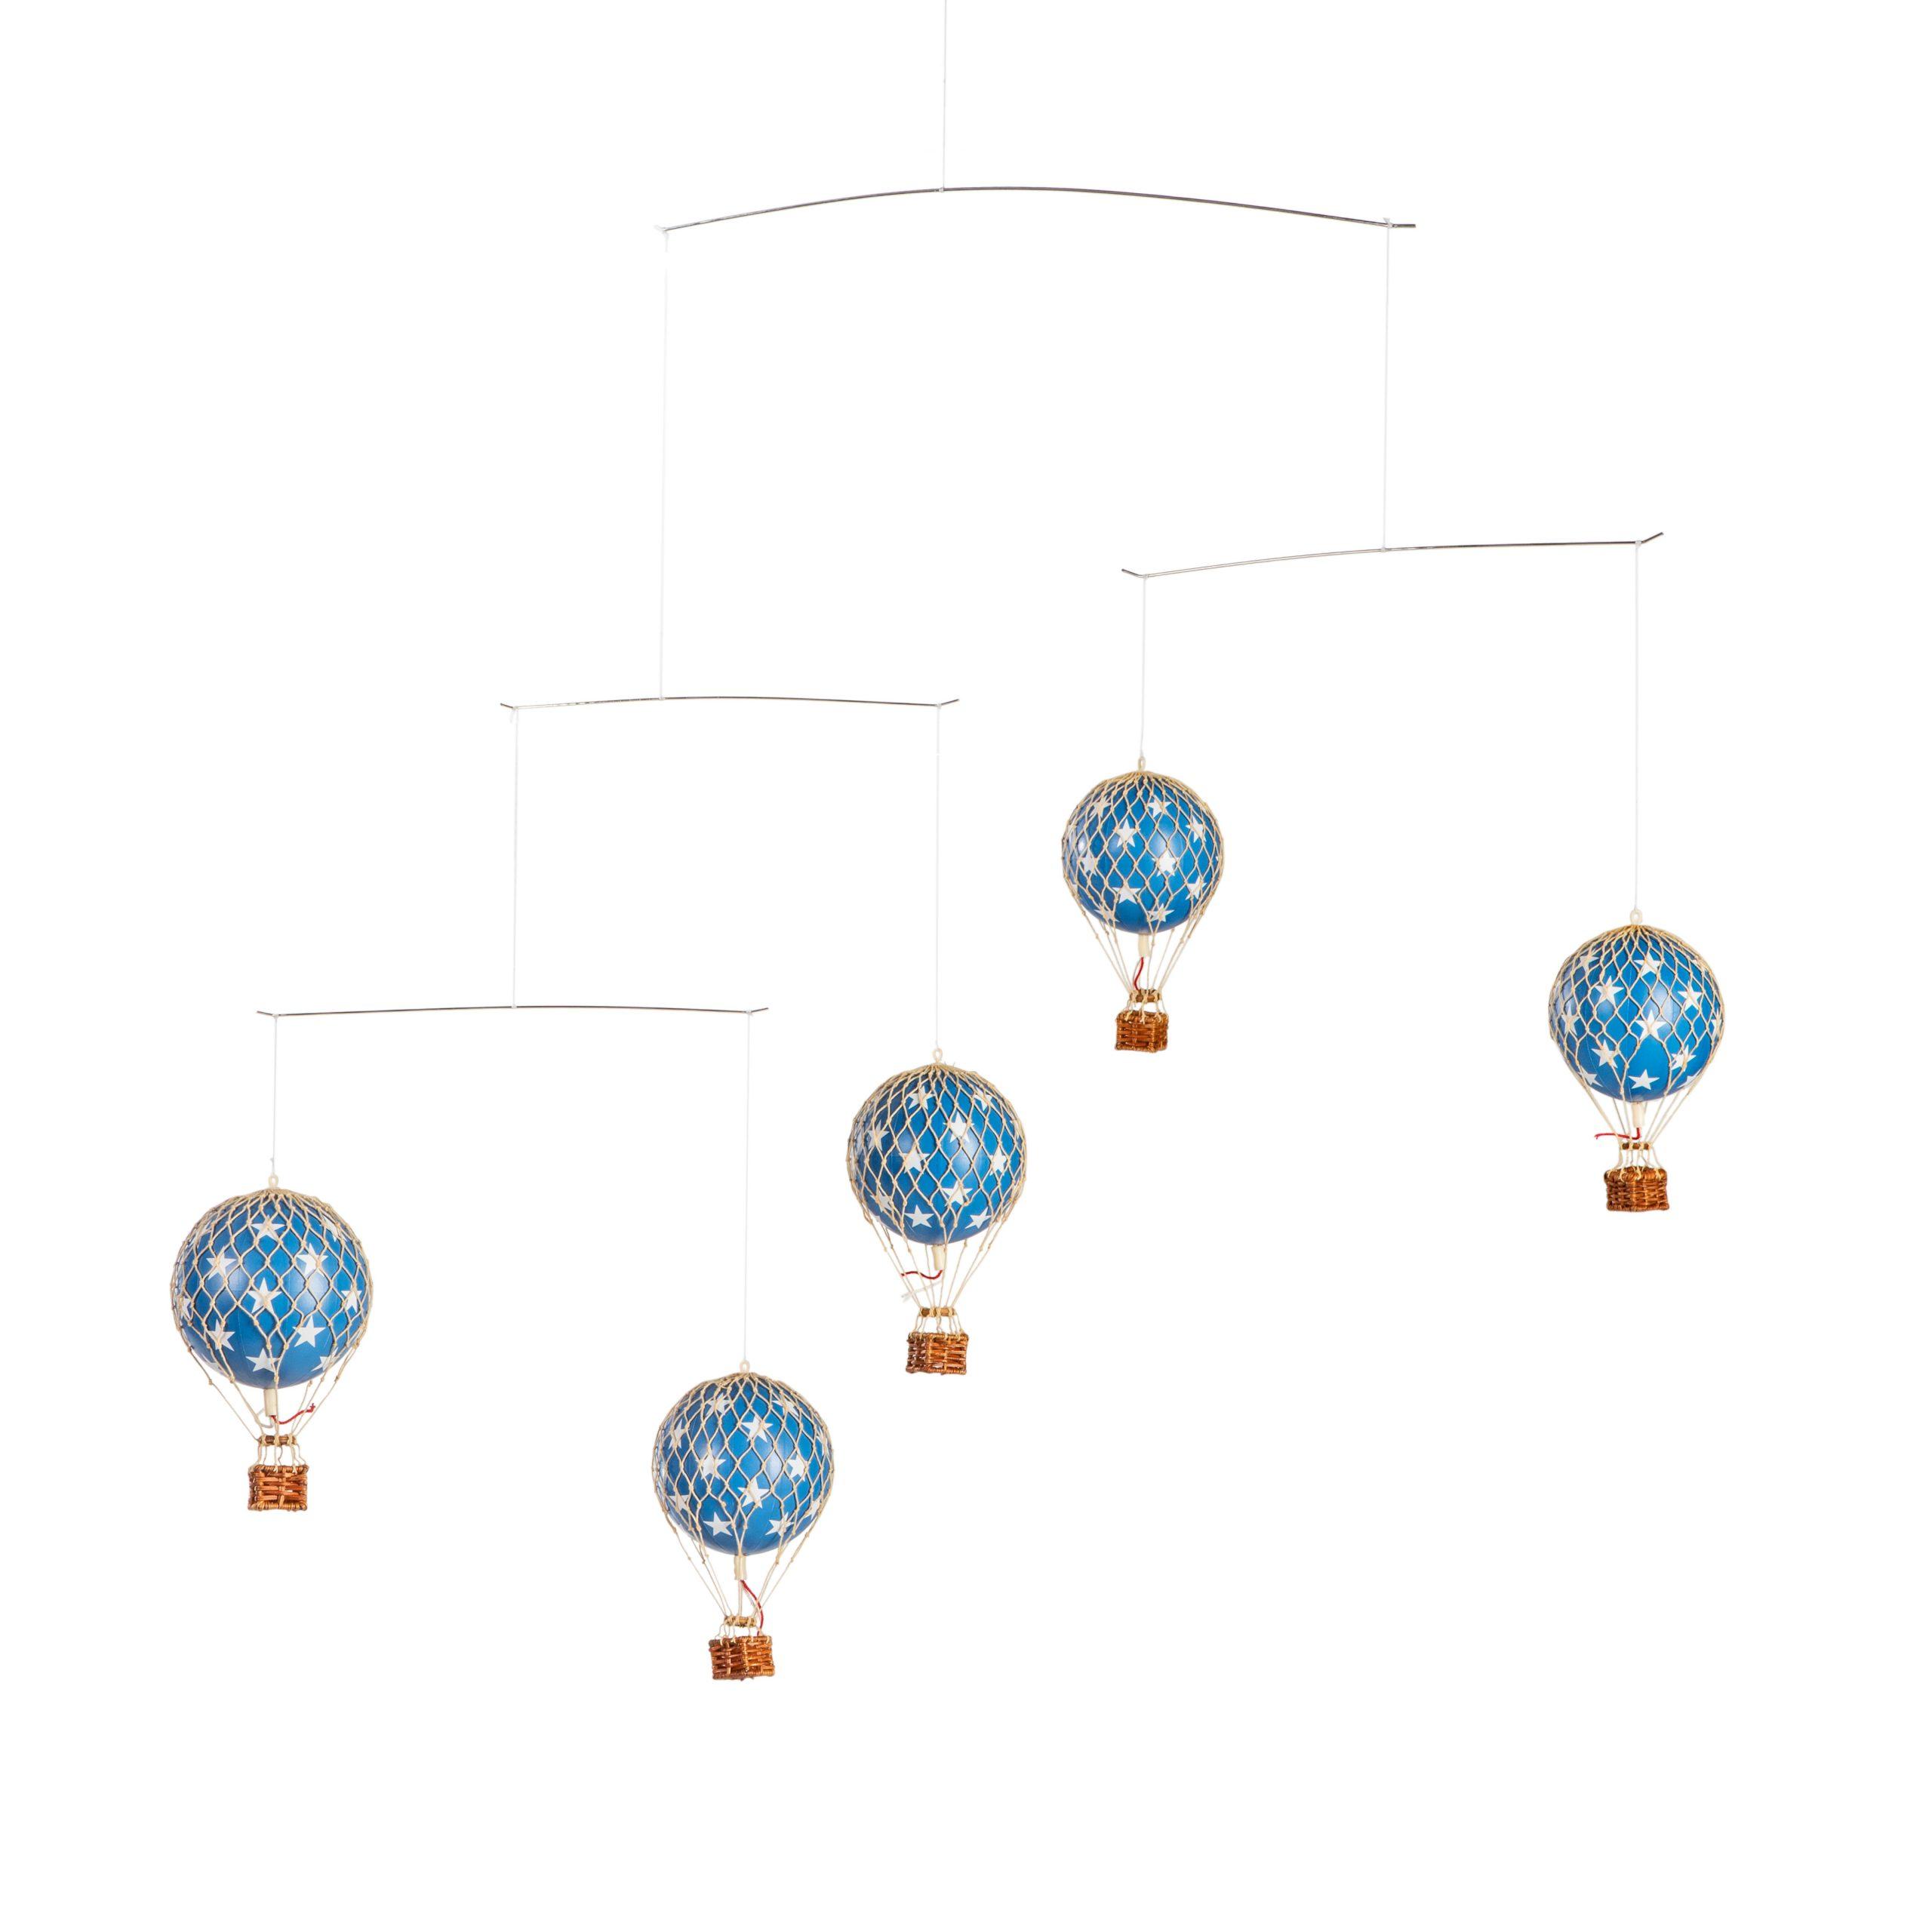 מרצדת (מובייל) כדורים פורחים – כחול וכוכבים